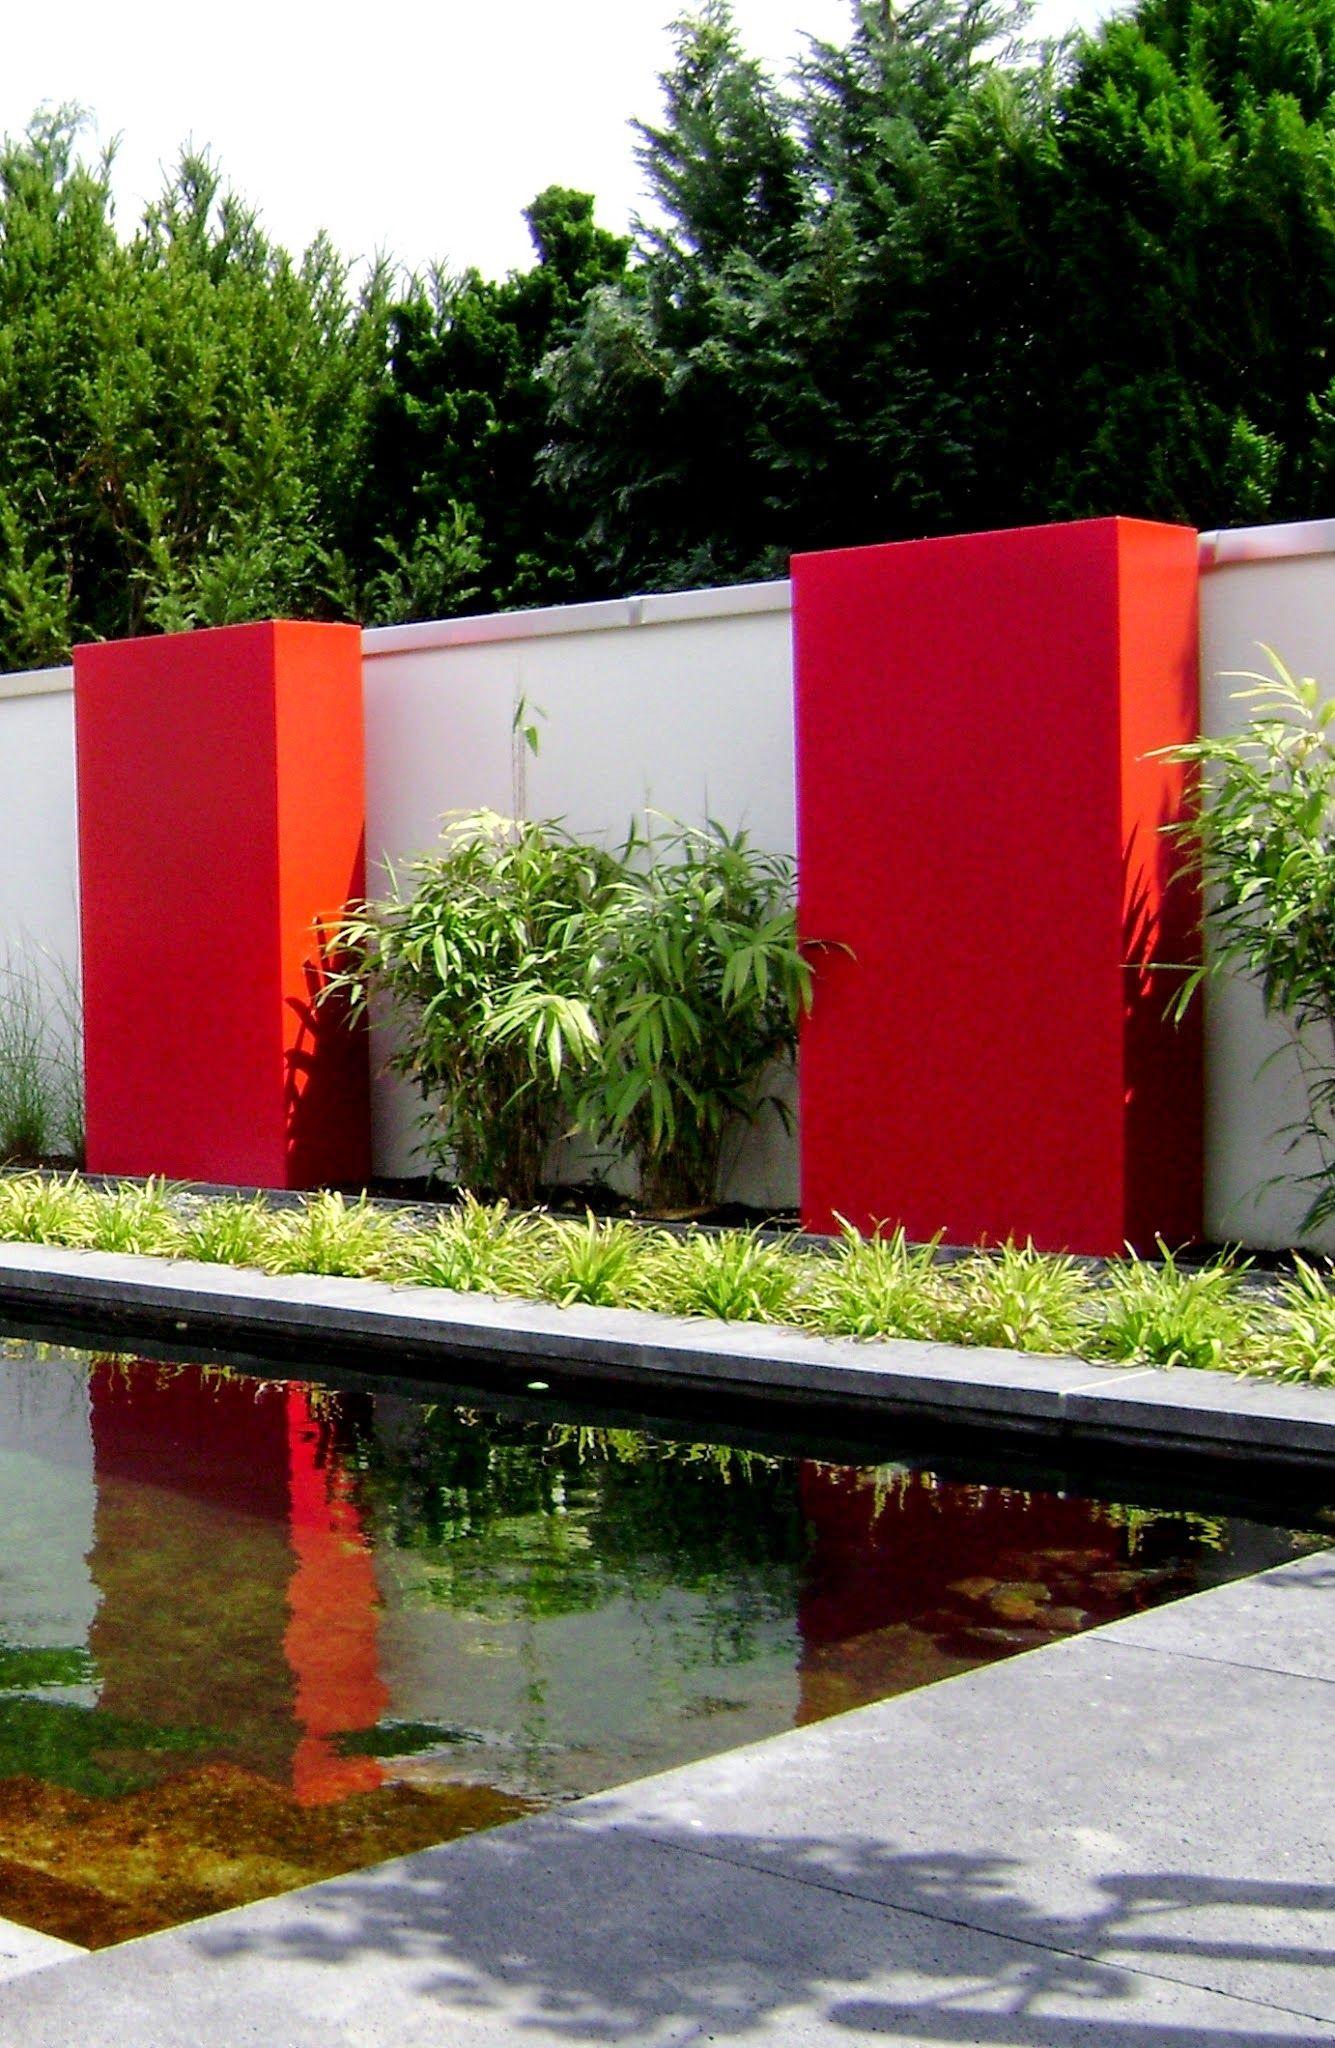 2789b897c4721558d0fdcb4a6833ebd7 Frais De Decoration Jardin Zen Exterieur Des Idées